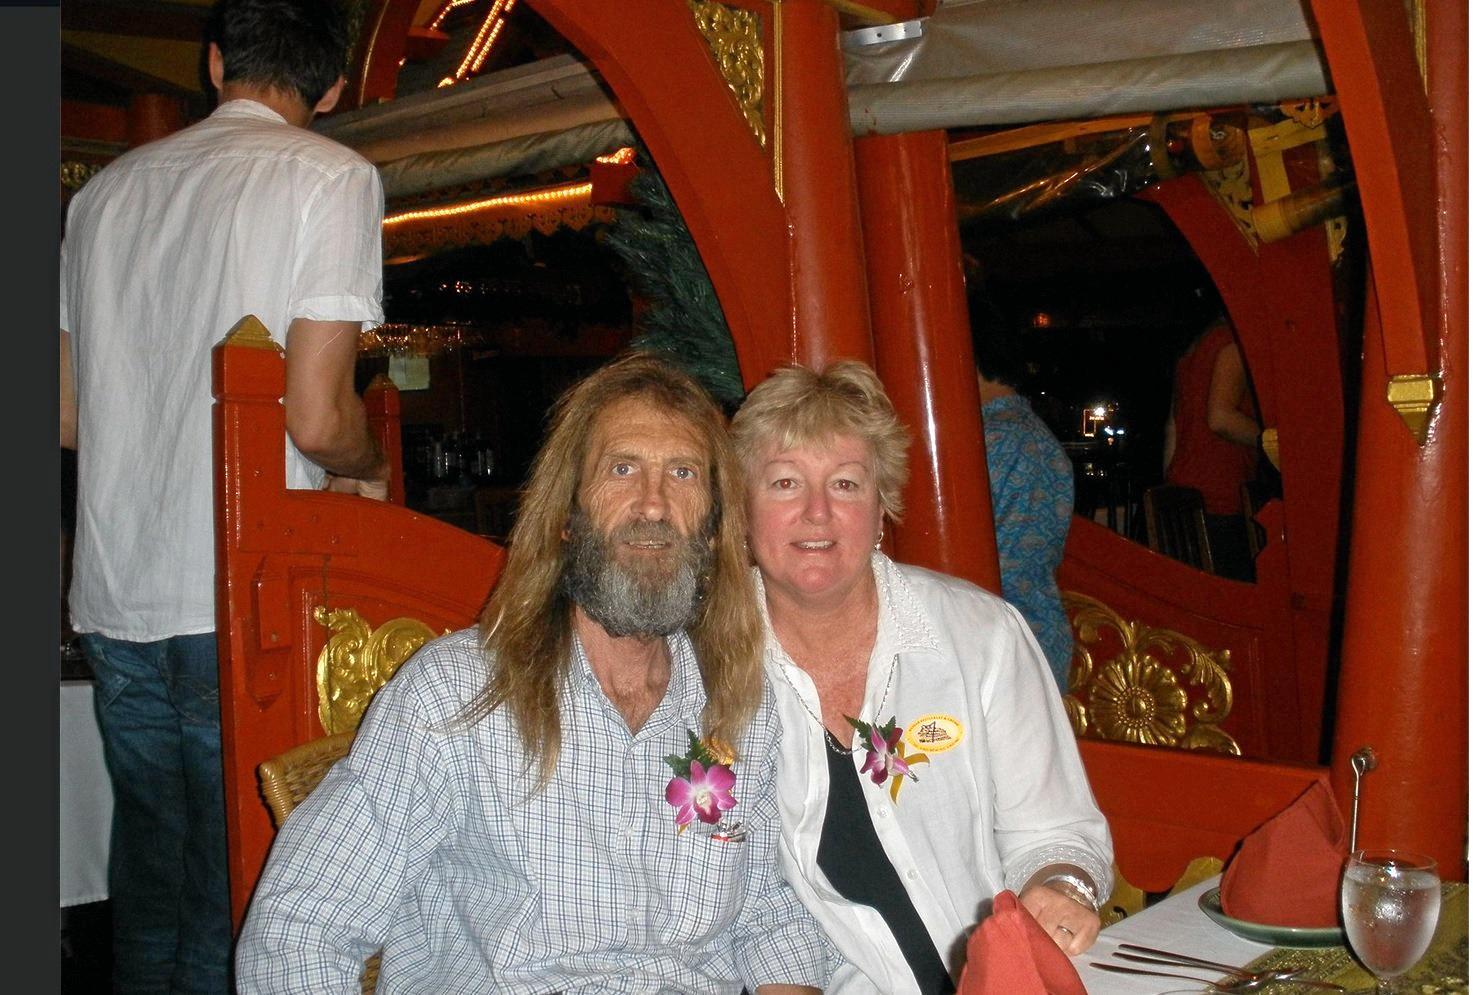 John and Sharon Edwards.